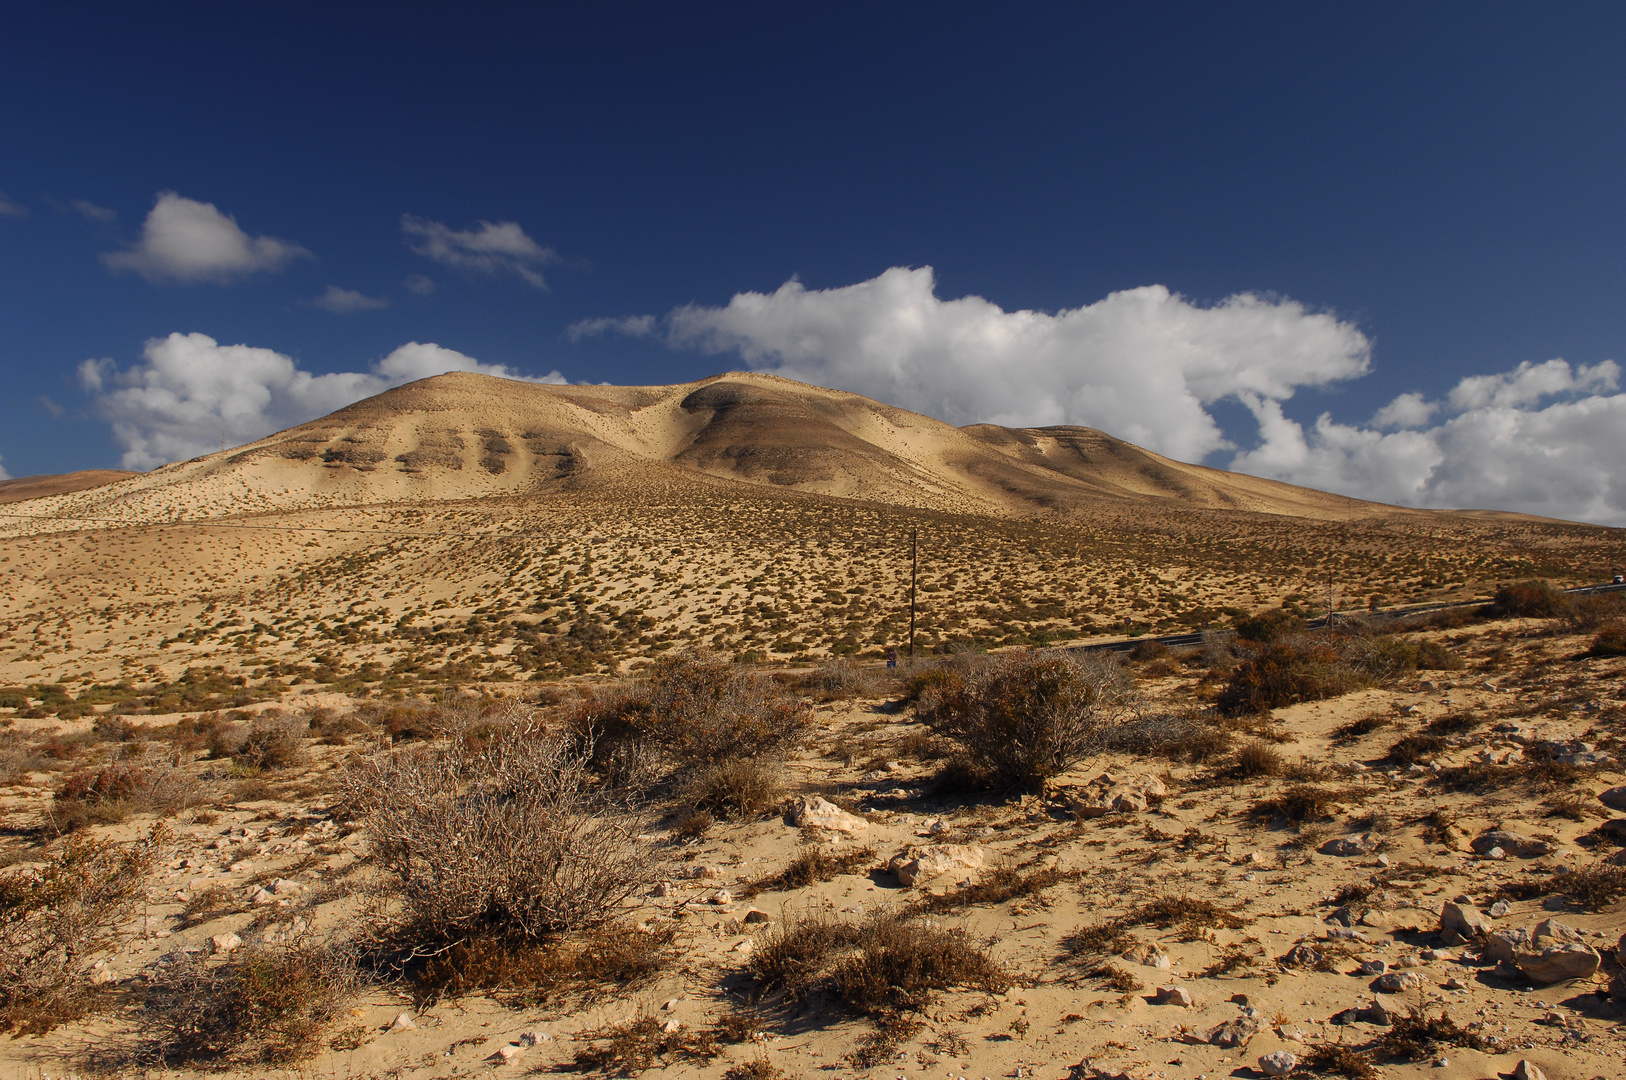 Wüste?